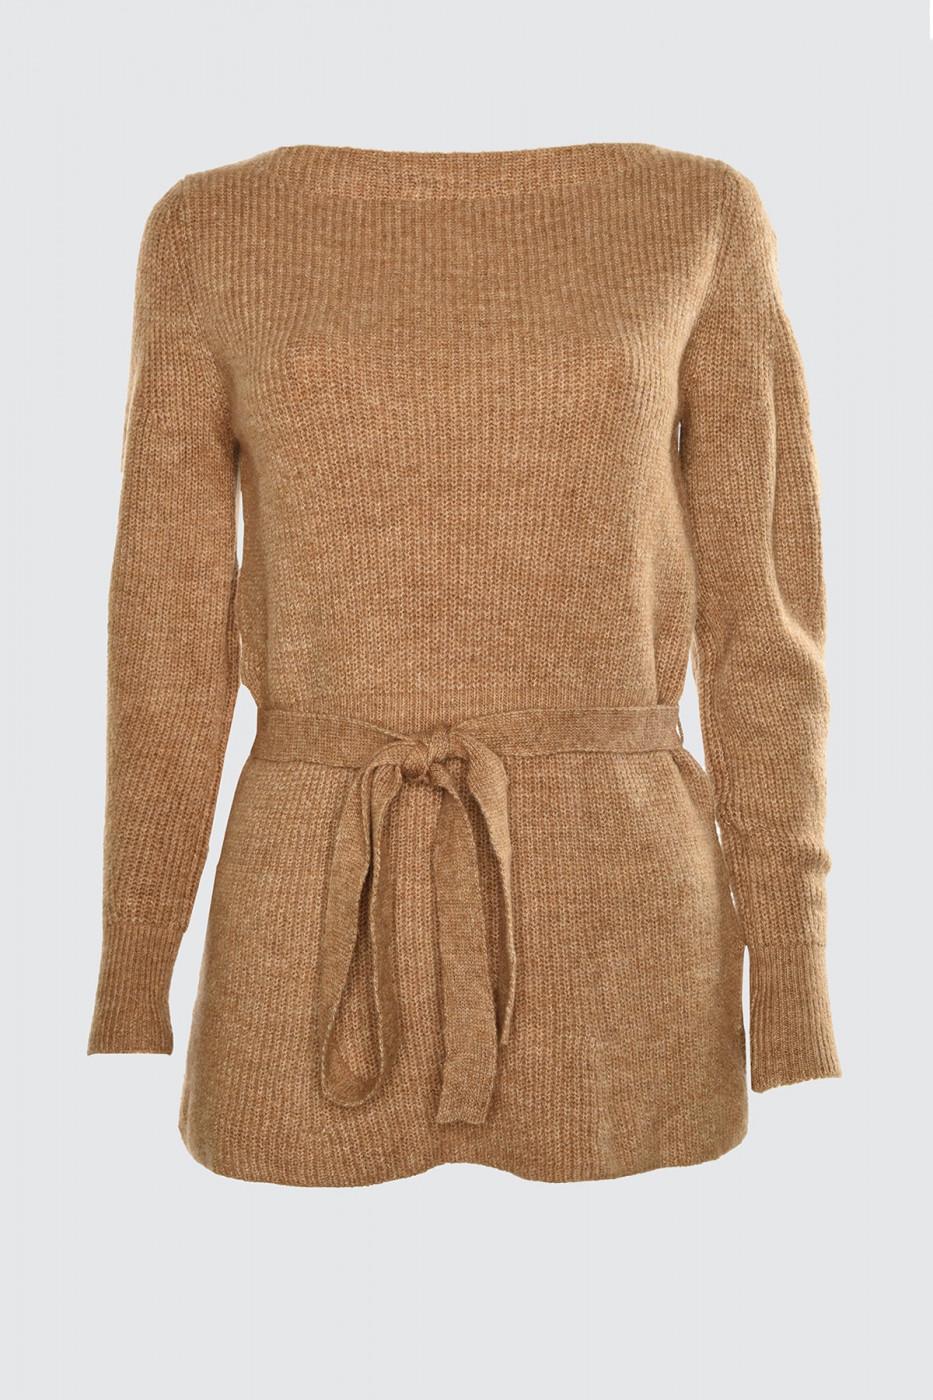 Trendyol Camel Binding Detailed Knitwear Sweater